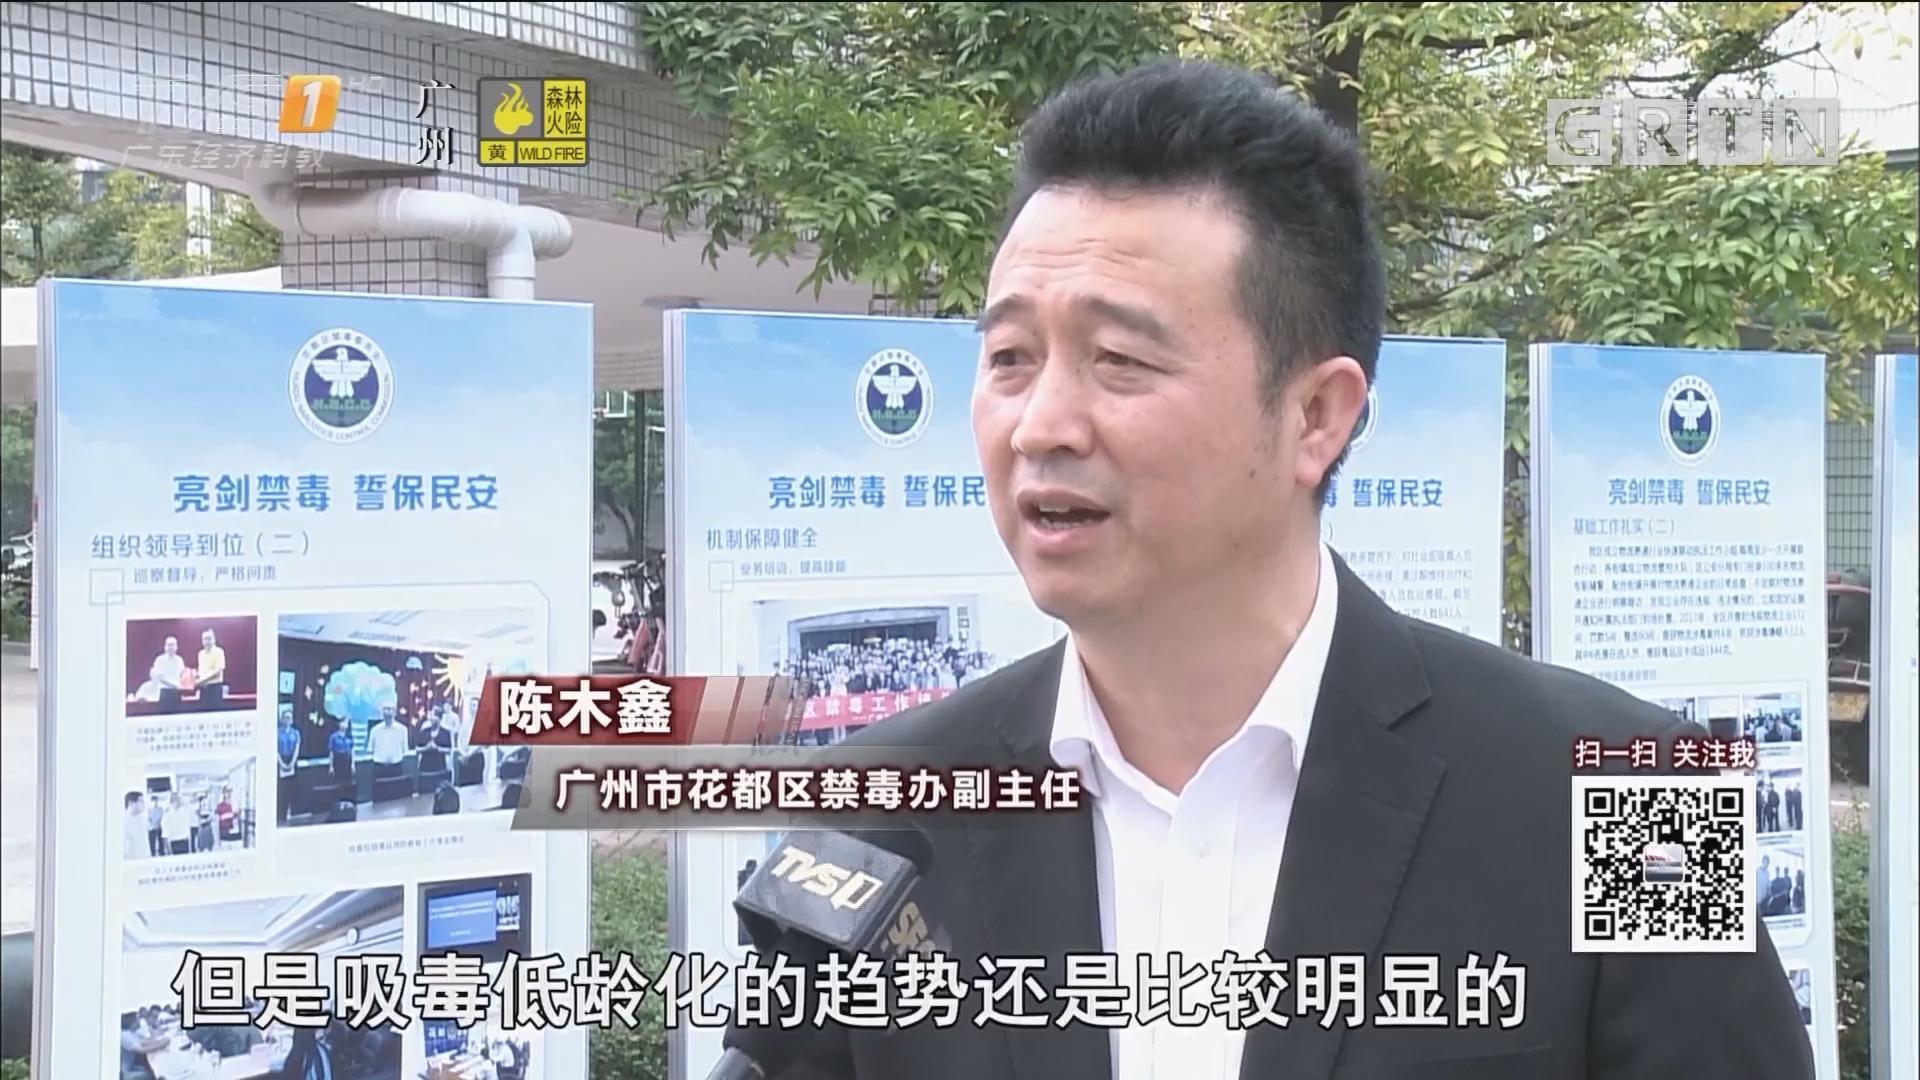 """广州:警察叔叔花式解锁禁毒知识!同学直呼""""涨姿势"""""""